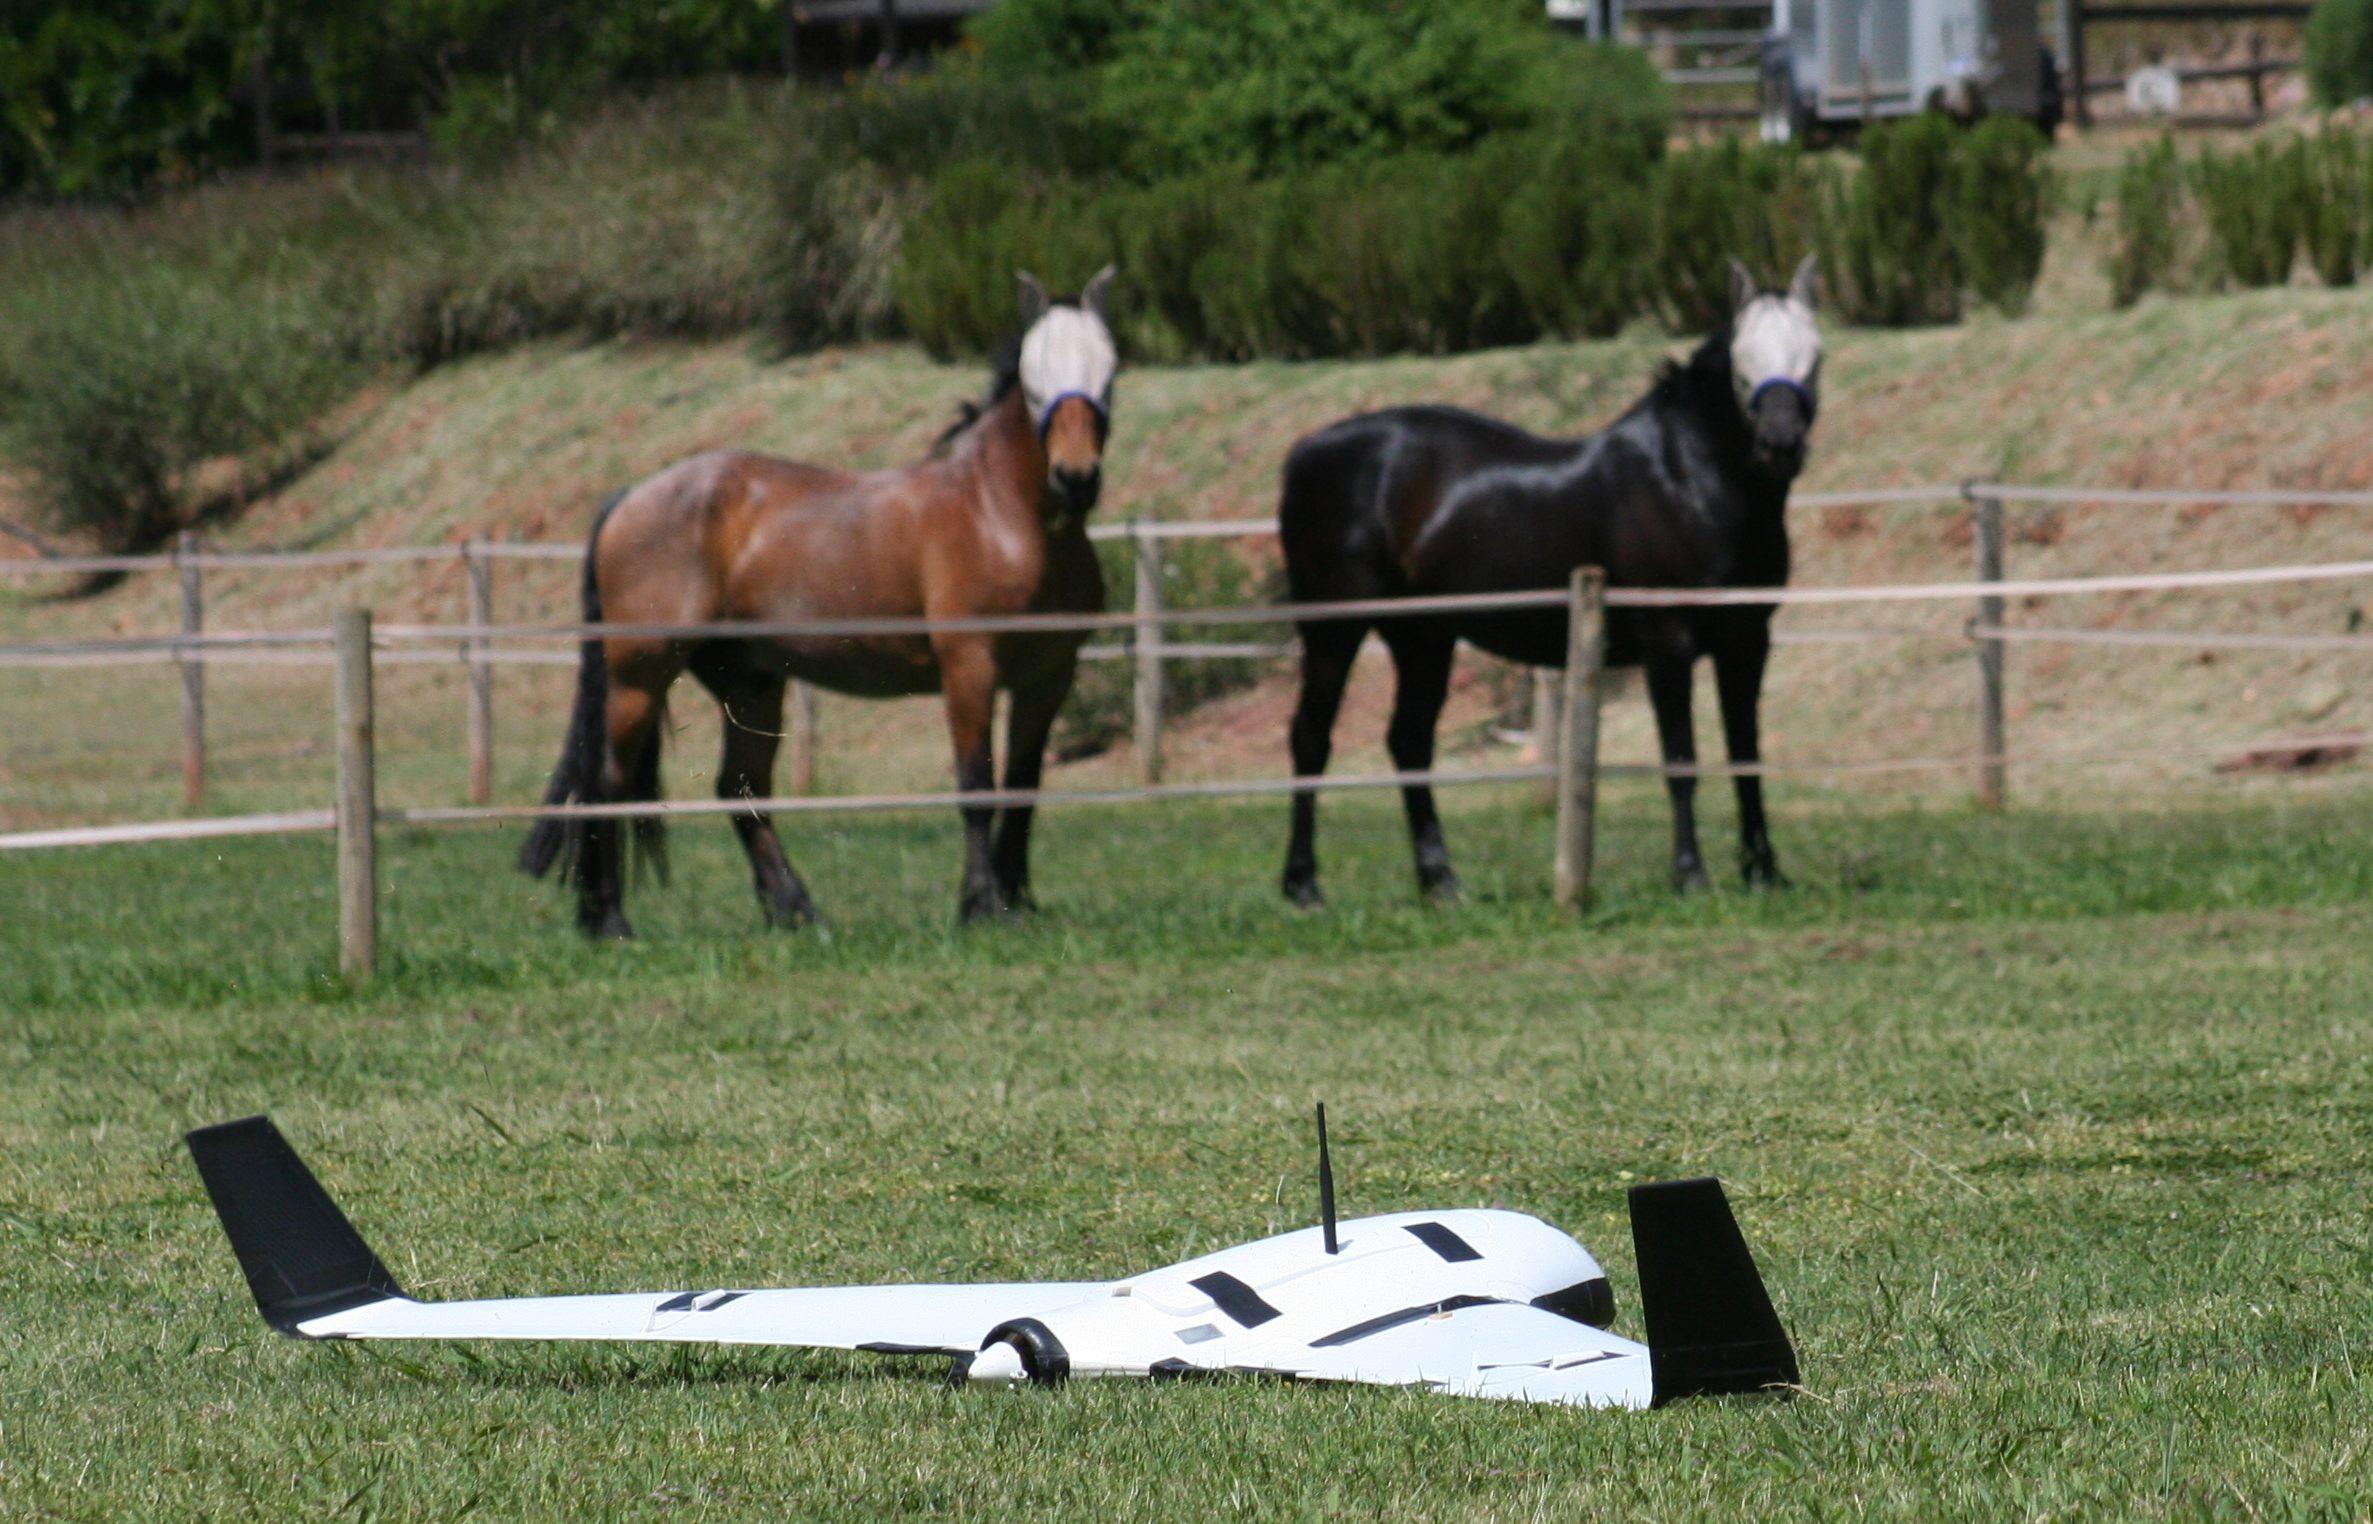 Teste com UAV no campo perto ca casa onde ficamos. No entanto, existe competição substancial para recuperar o veículo. Em particupal os animais que se encontram a pastar,mostram muito interessa nas nossa experiências.